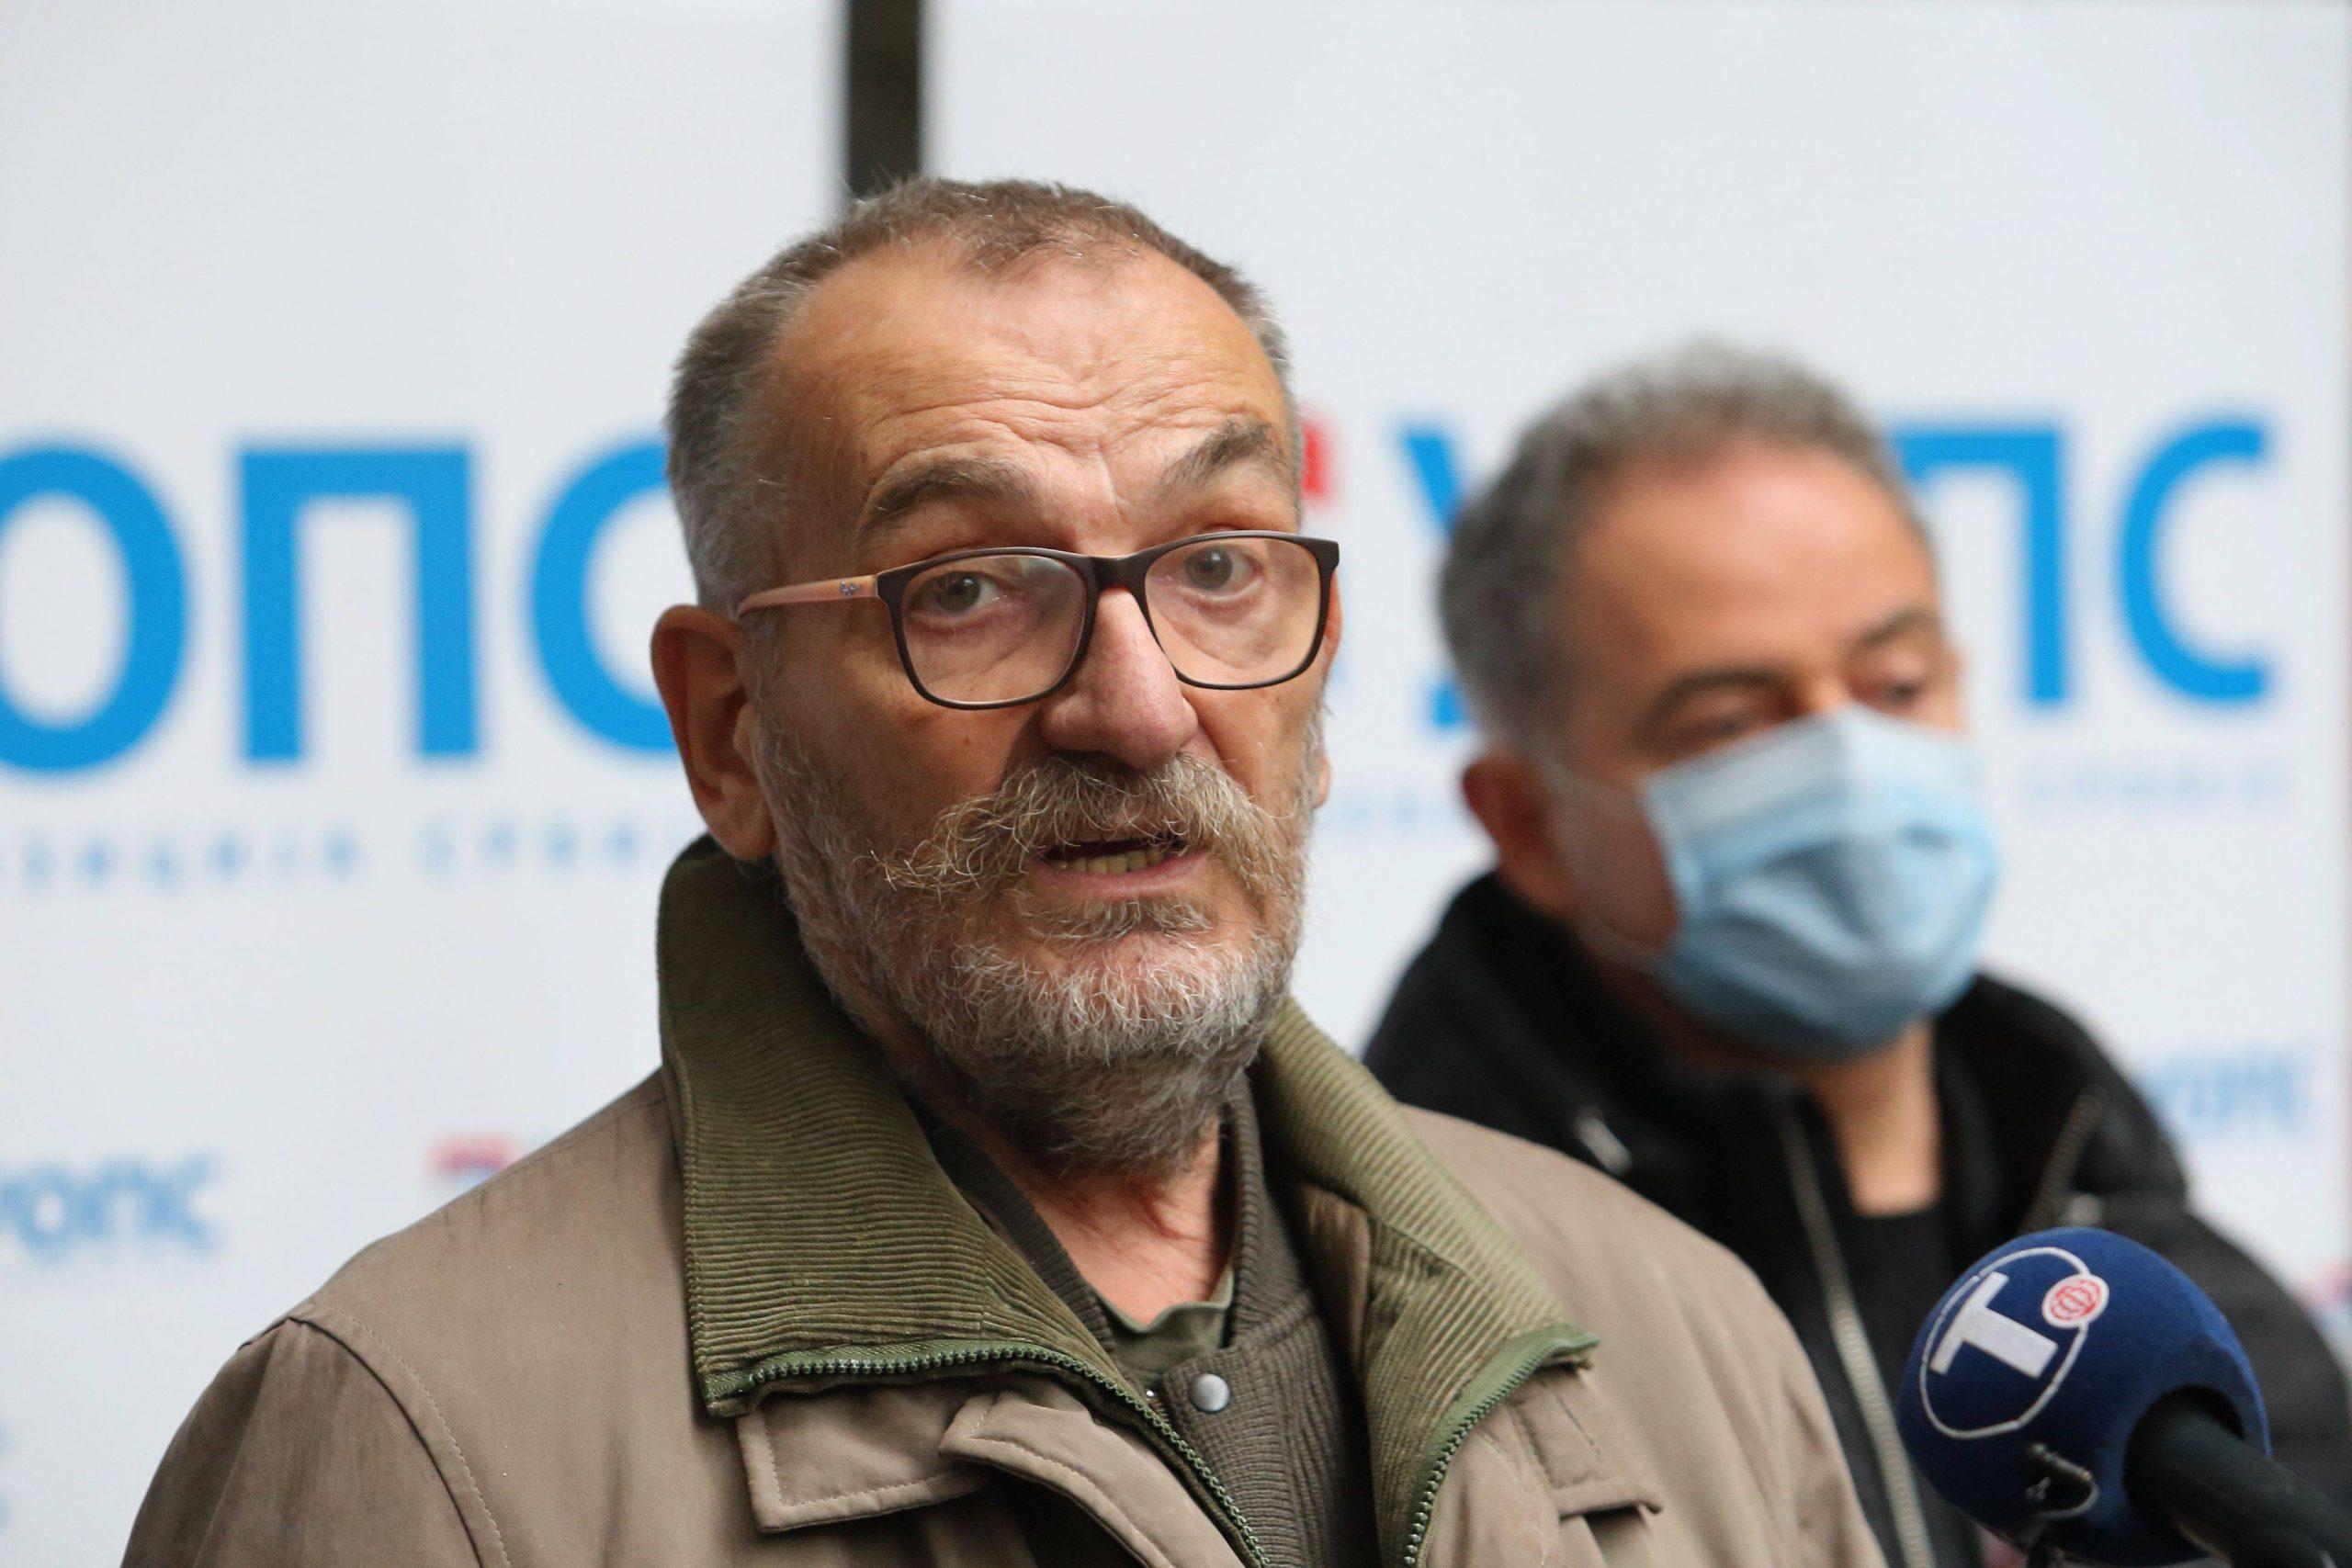 Siniša Kovačević: Izlazak na izbore je iluzorno i nepotrebno davanje legitimiteta parlamentu 1